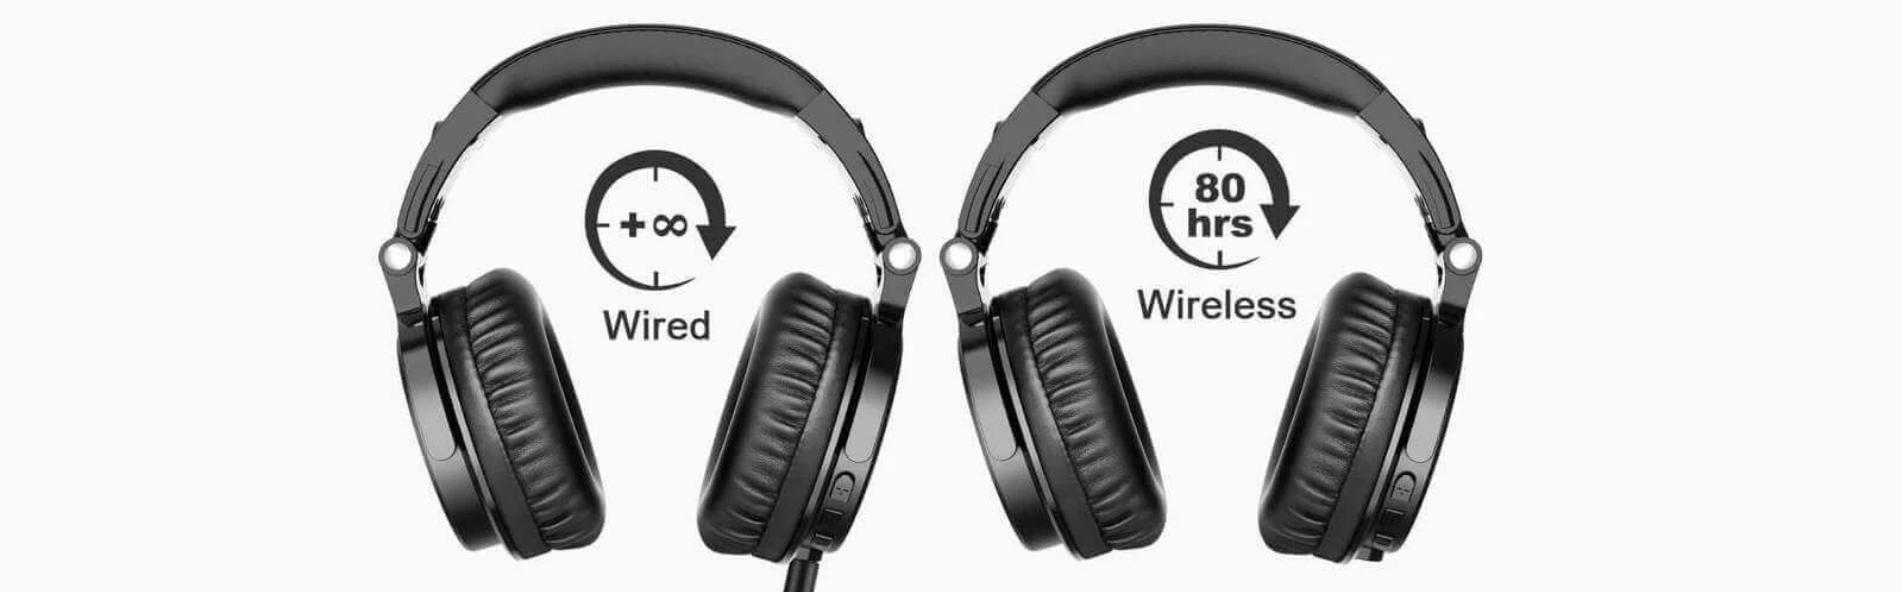 OneOdio Pro-50 és Pro C fejhallgatók tesztje 3